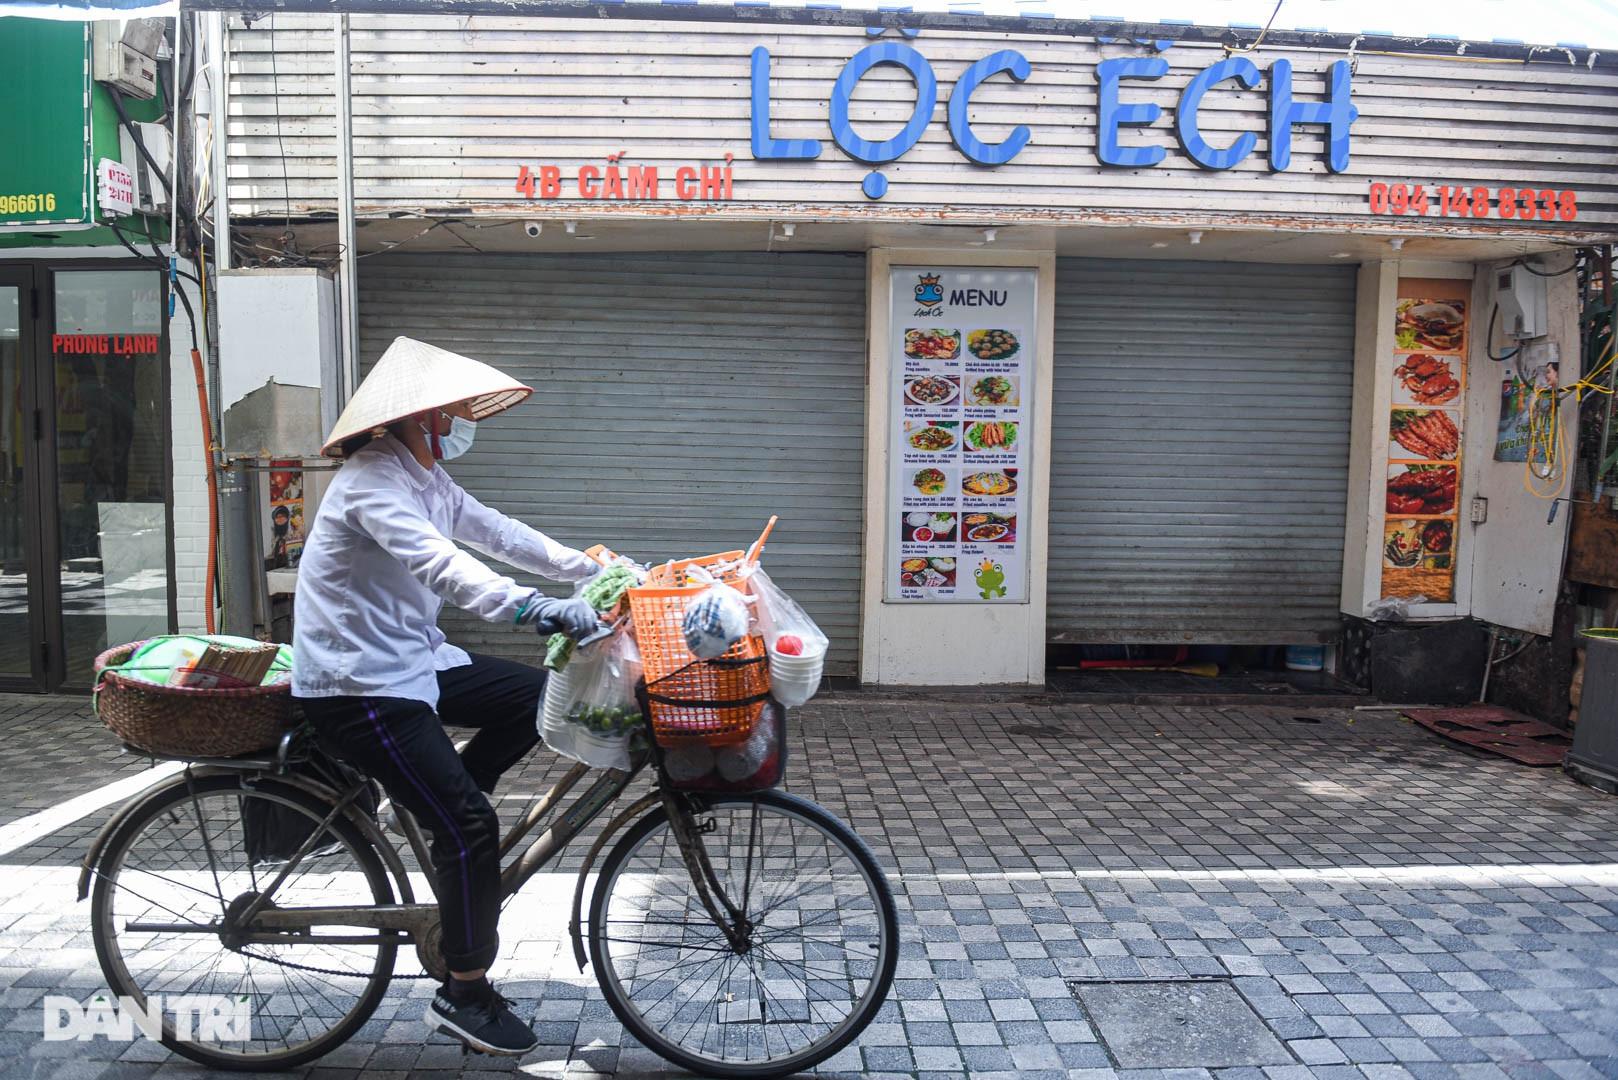 Cảnh cửa đóng then cài, đìu hiu ở phố ẩm thực không ngủ Hà Nội - 8